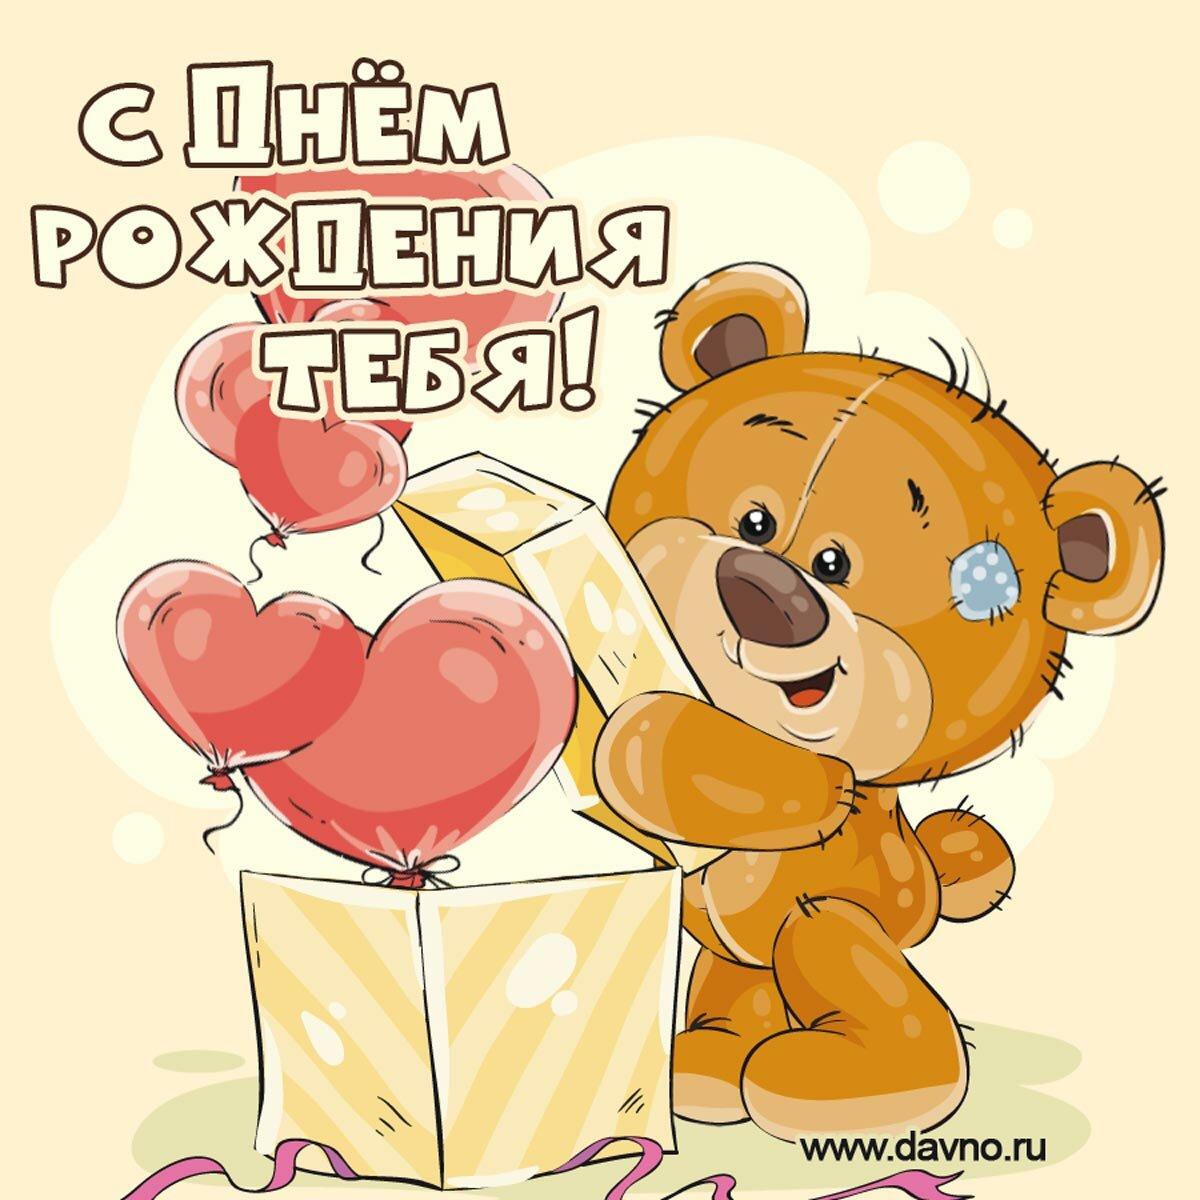 очках пожелание с днем рождения медведя утвердила новый формат